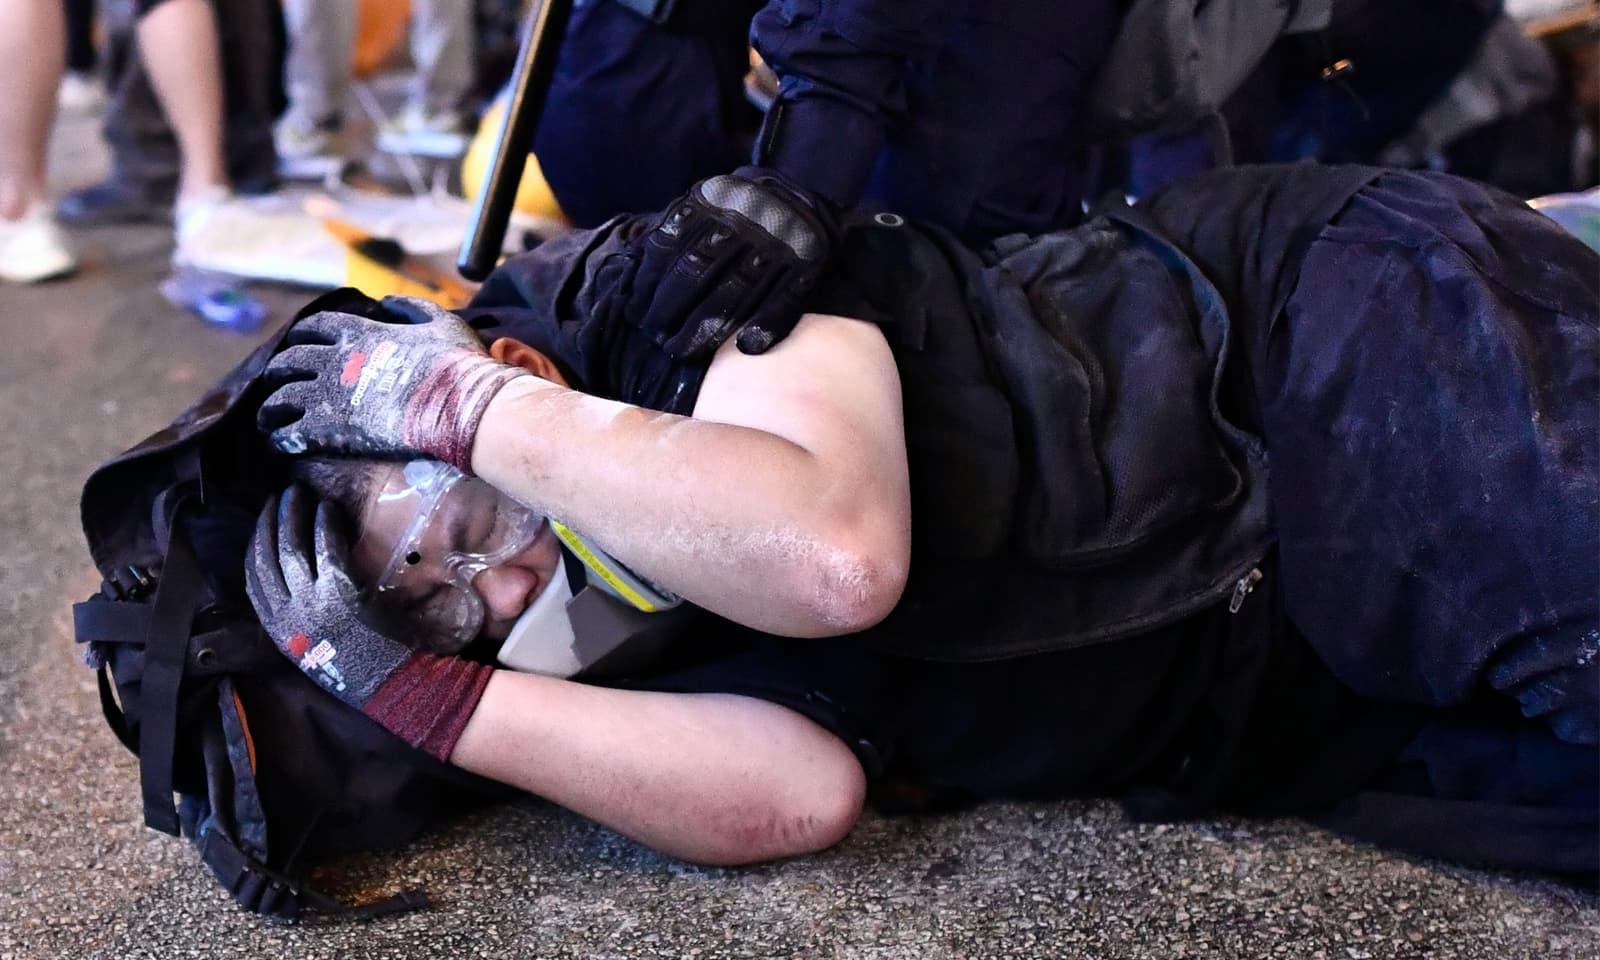 مظاہرے میں شریک ایک شخص کو پولیس نے دبوچ لیا—فوٹو: اے ایف پی